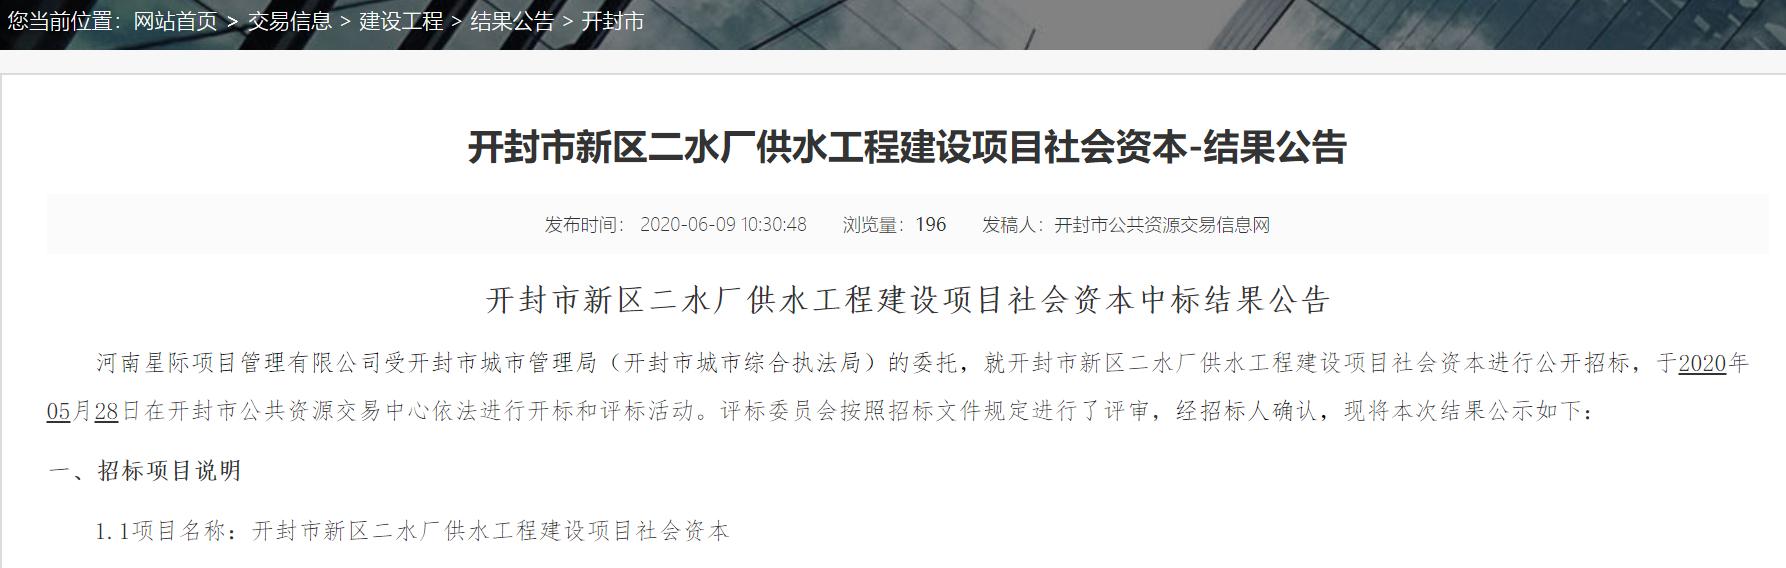 超七.七亿!浦华环保外标谢启市求火工程建立名目 _ 西方财富网